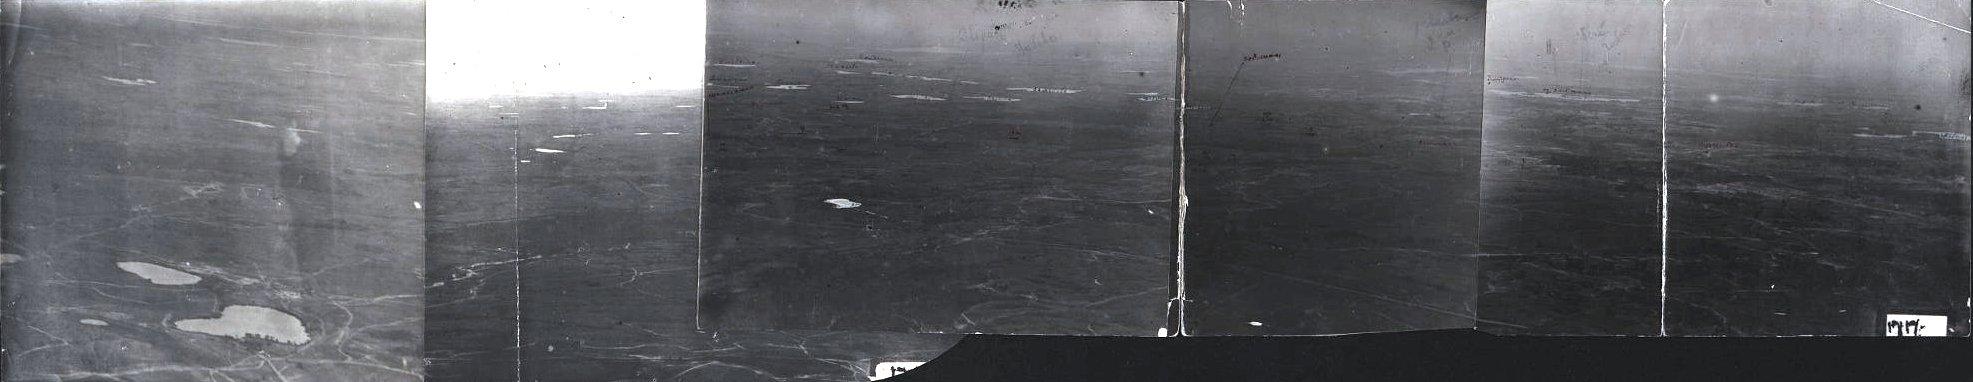 1916. Фотопланшет рабочий командира III наблюдательной станции